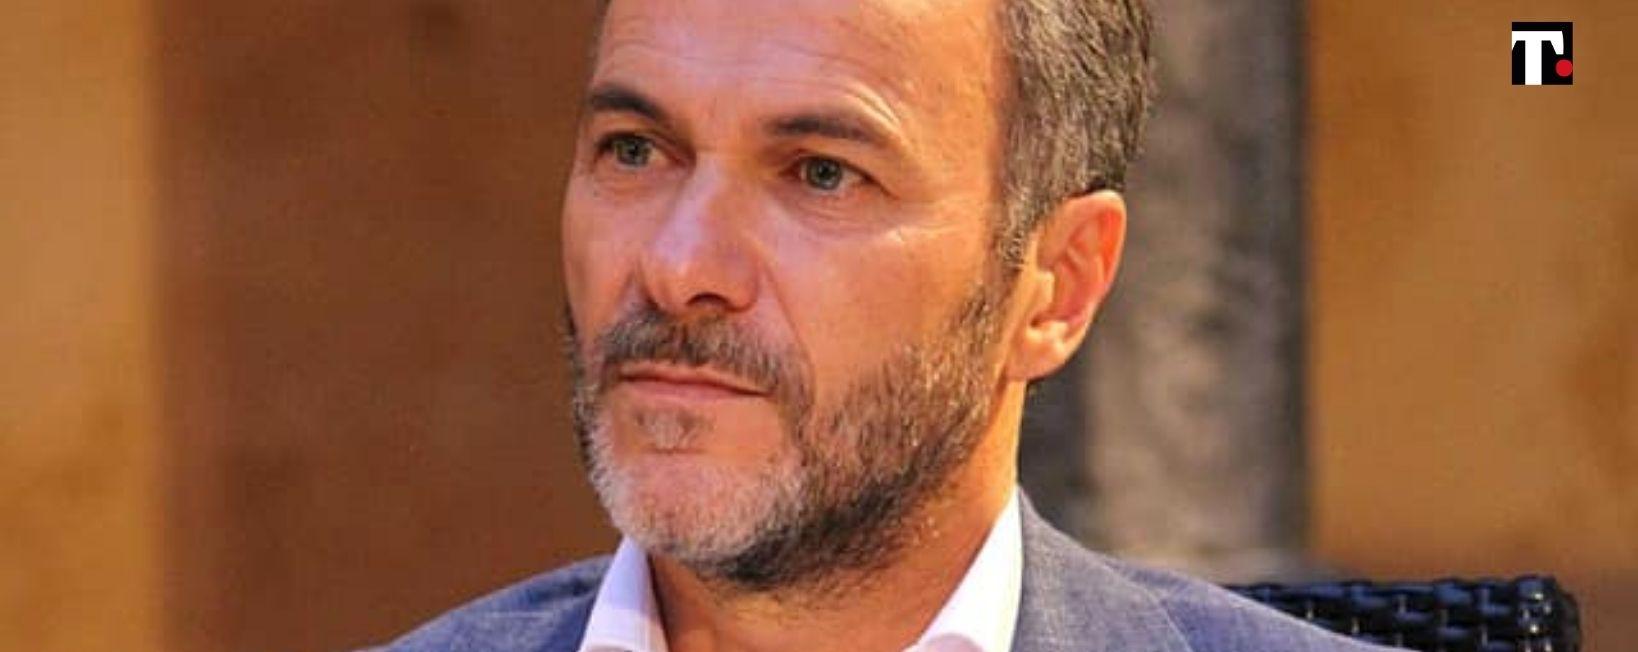 Chi è Massimiliano Gallo